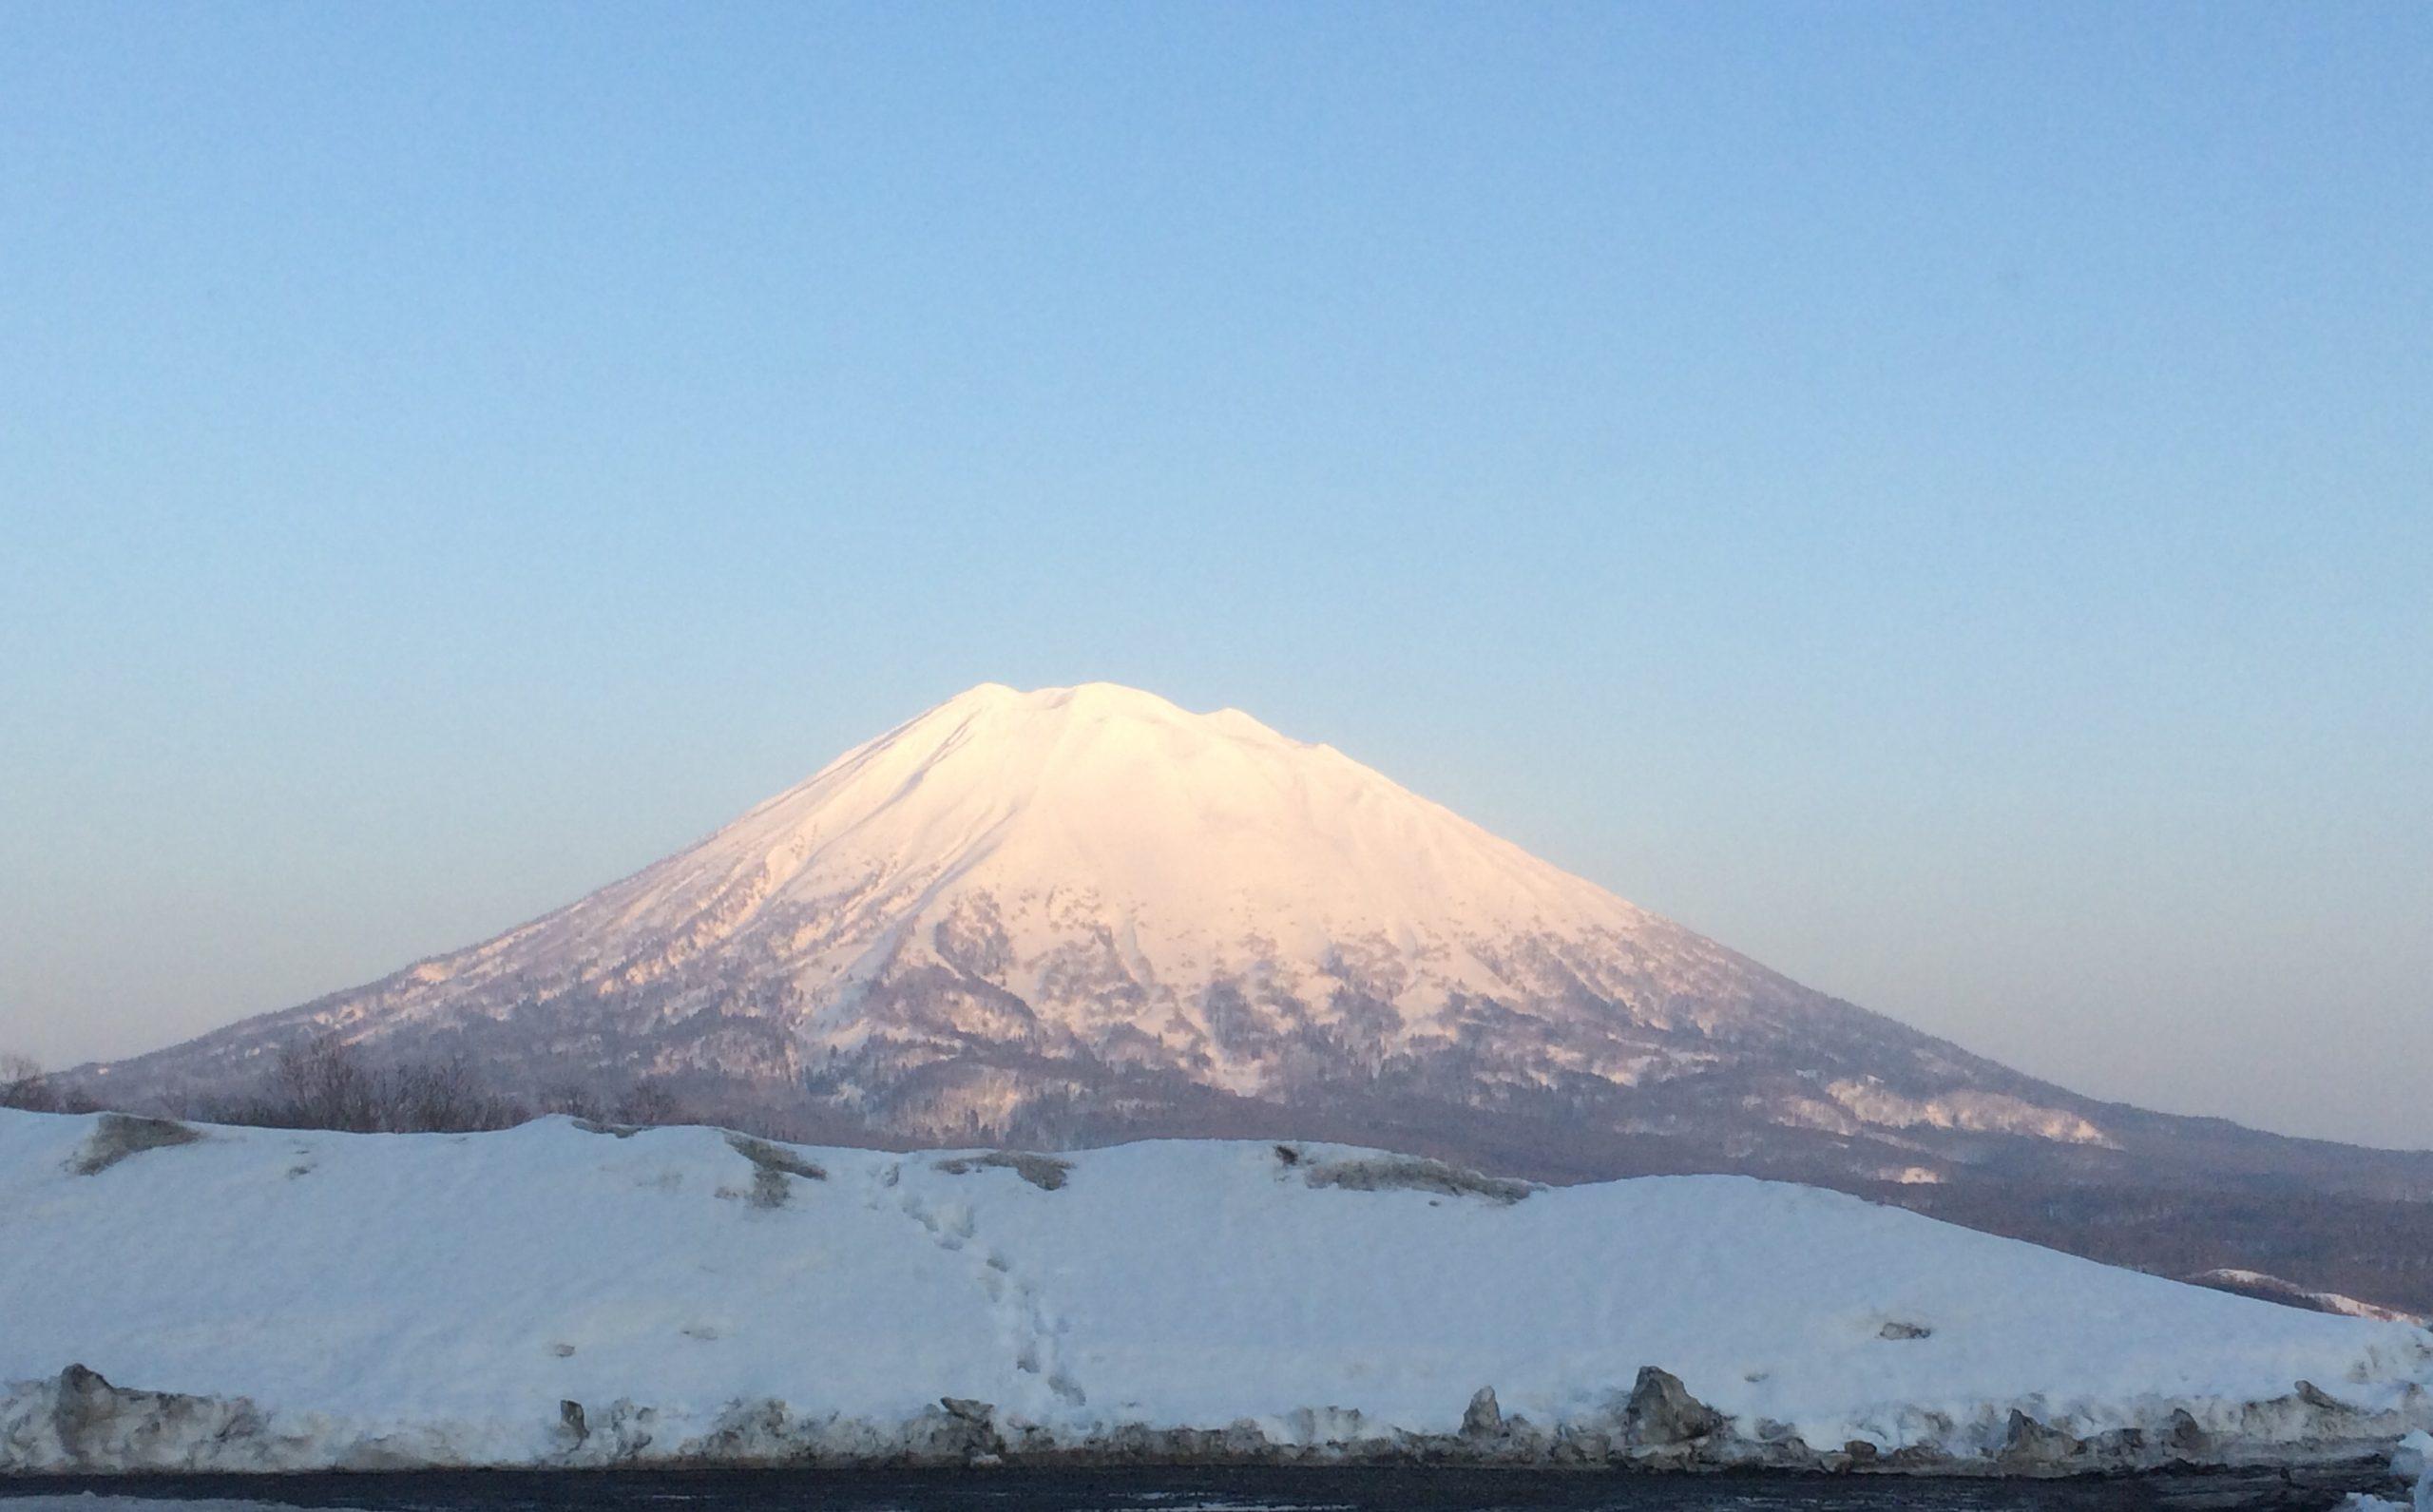 売店スタッフをしたホテルから見える富士山